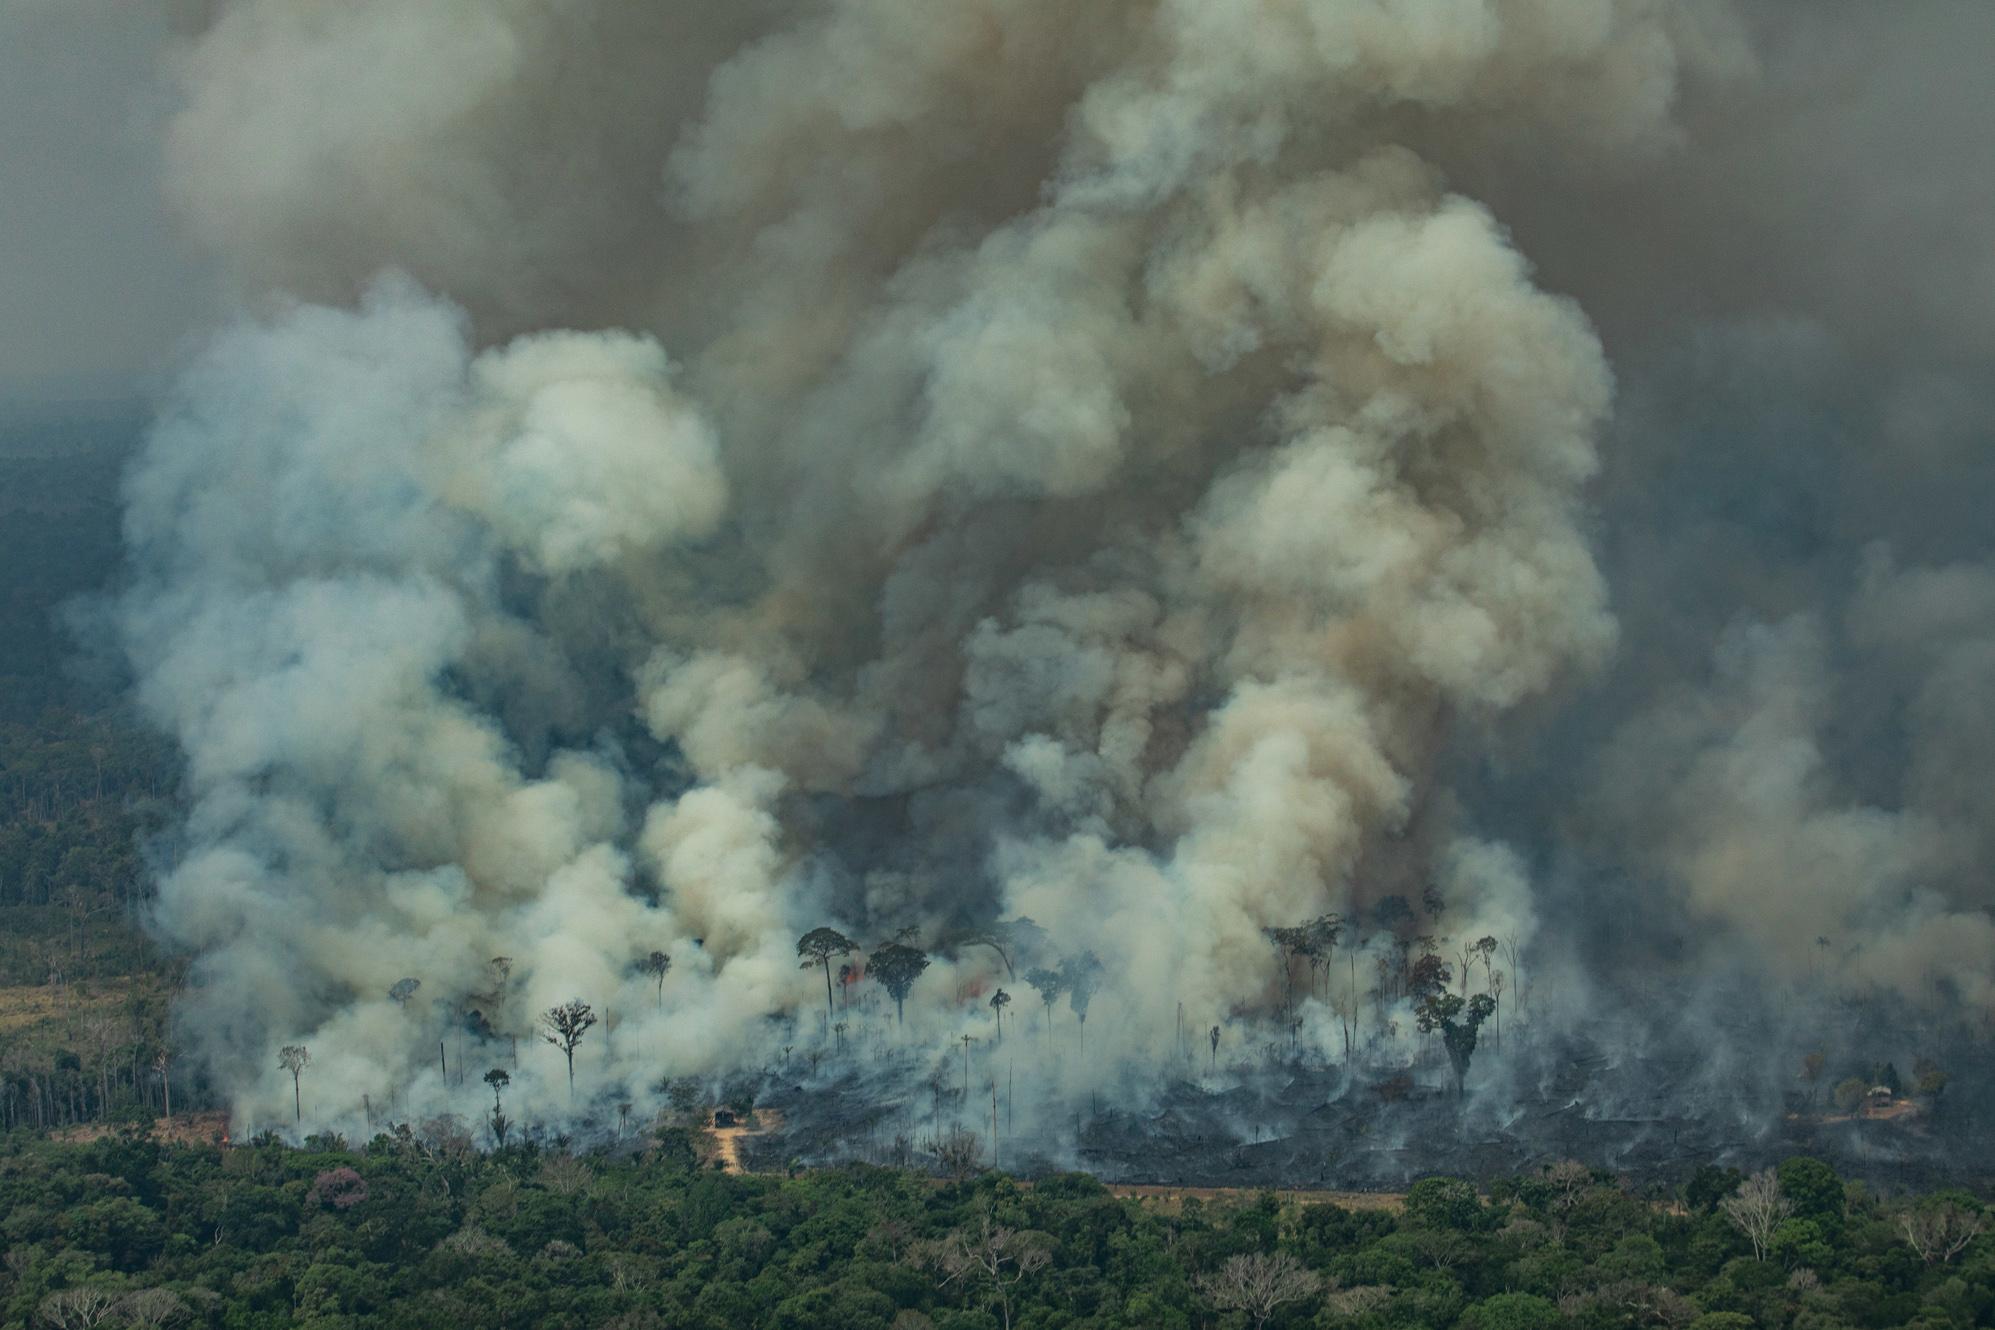 Amazônia em Chamas: o fogo apocalíptico de Rondônia